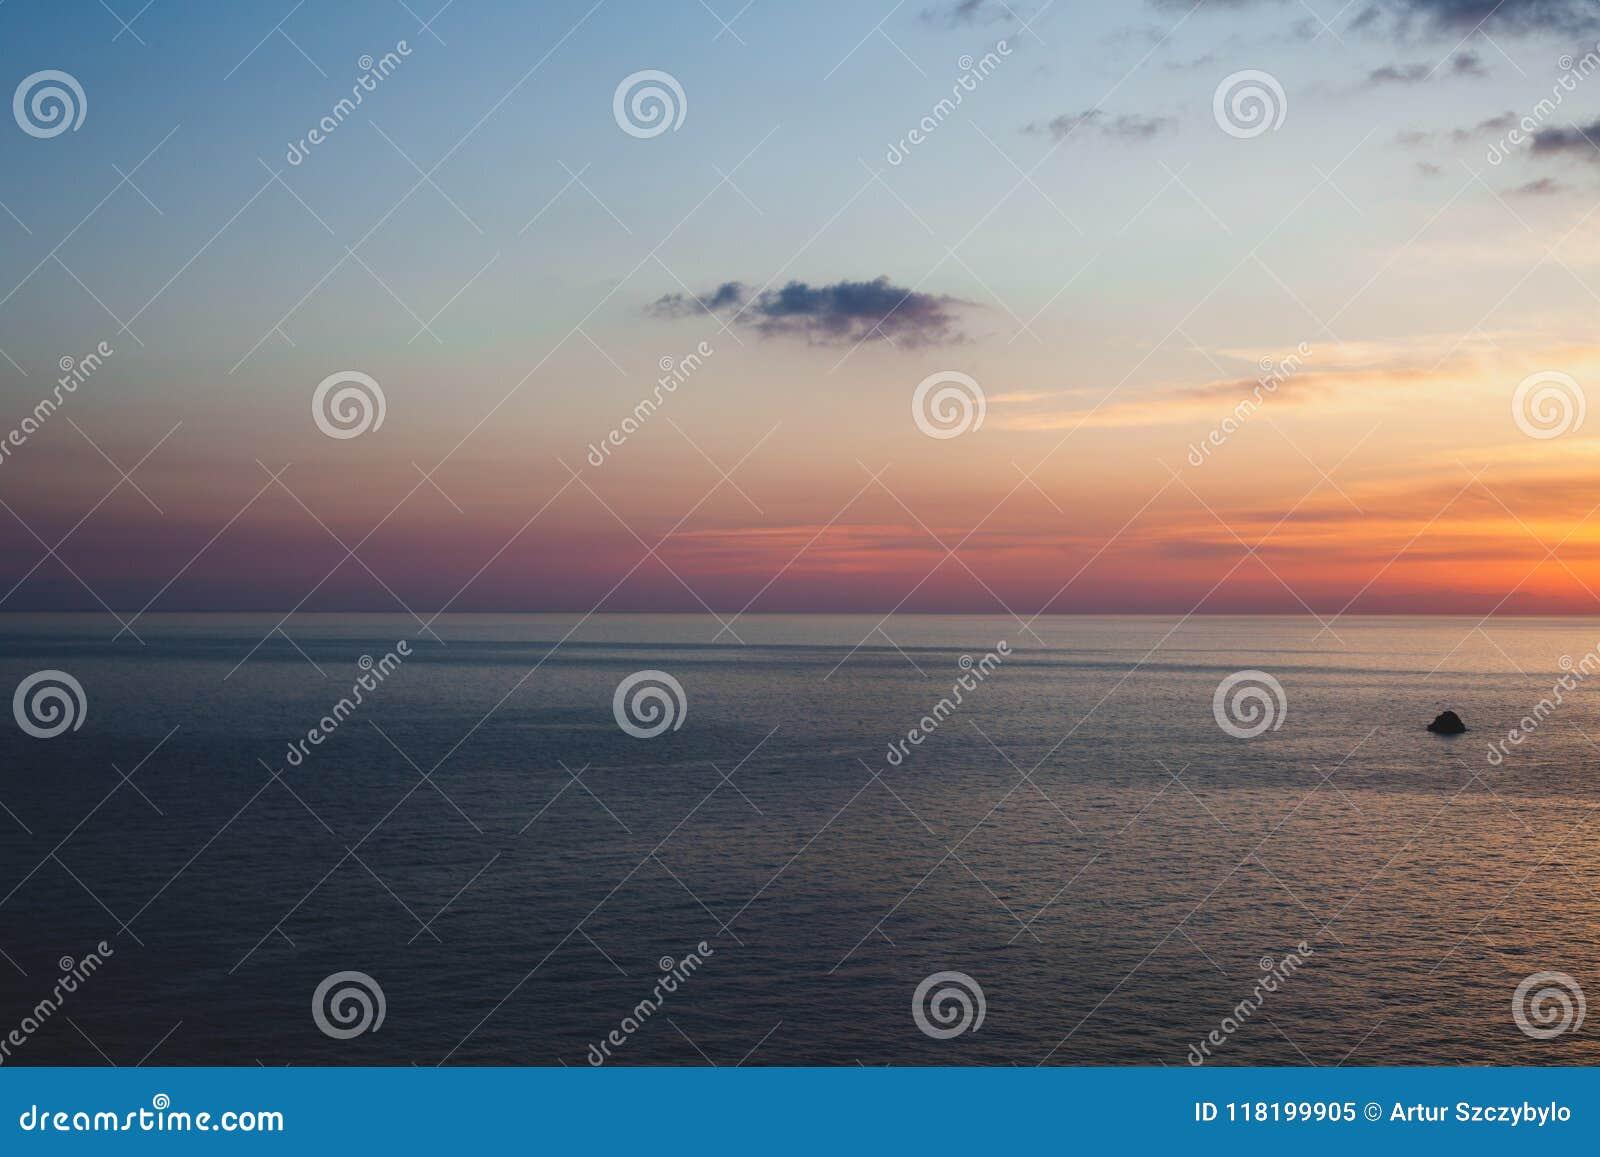 Por do sol na praia com algumas nuvens no céu Máscaras azuis e cor-de-rosa com nuvens escuras Lugar quieto Cena de relaxamento da